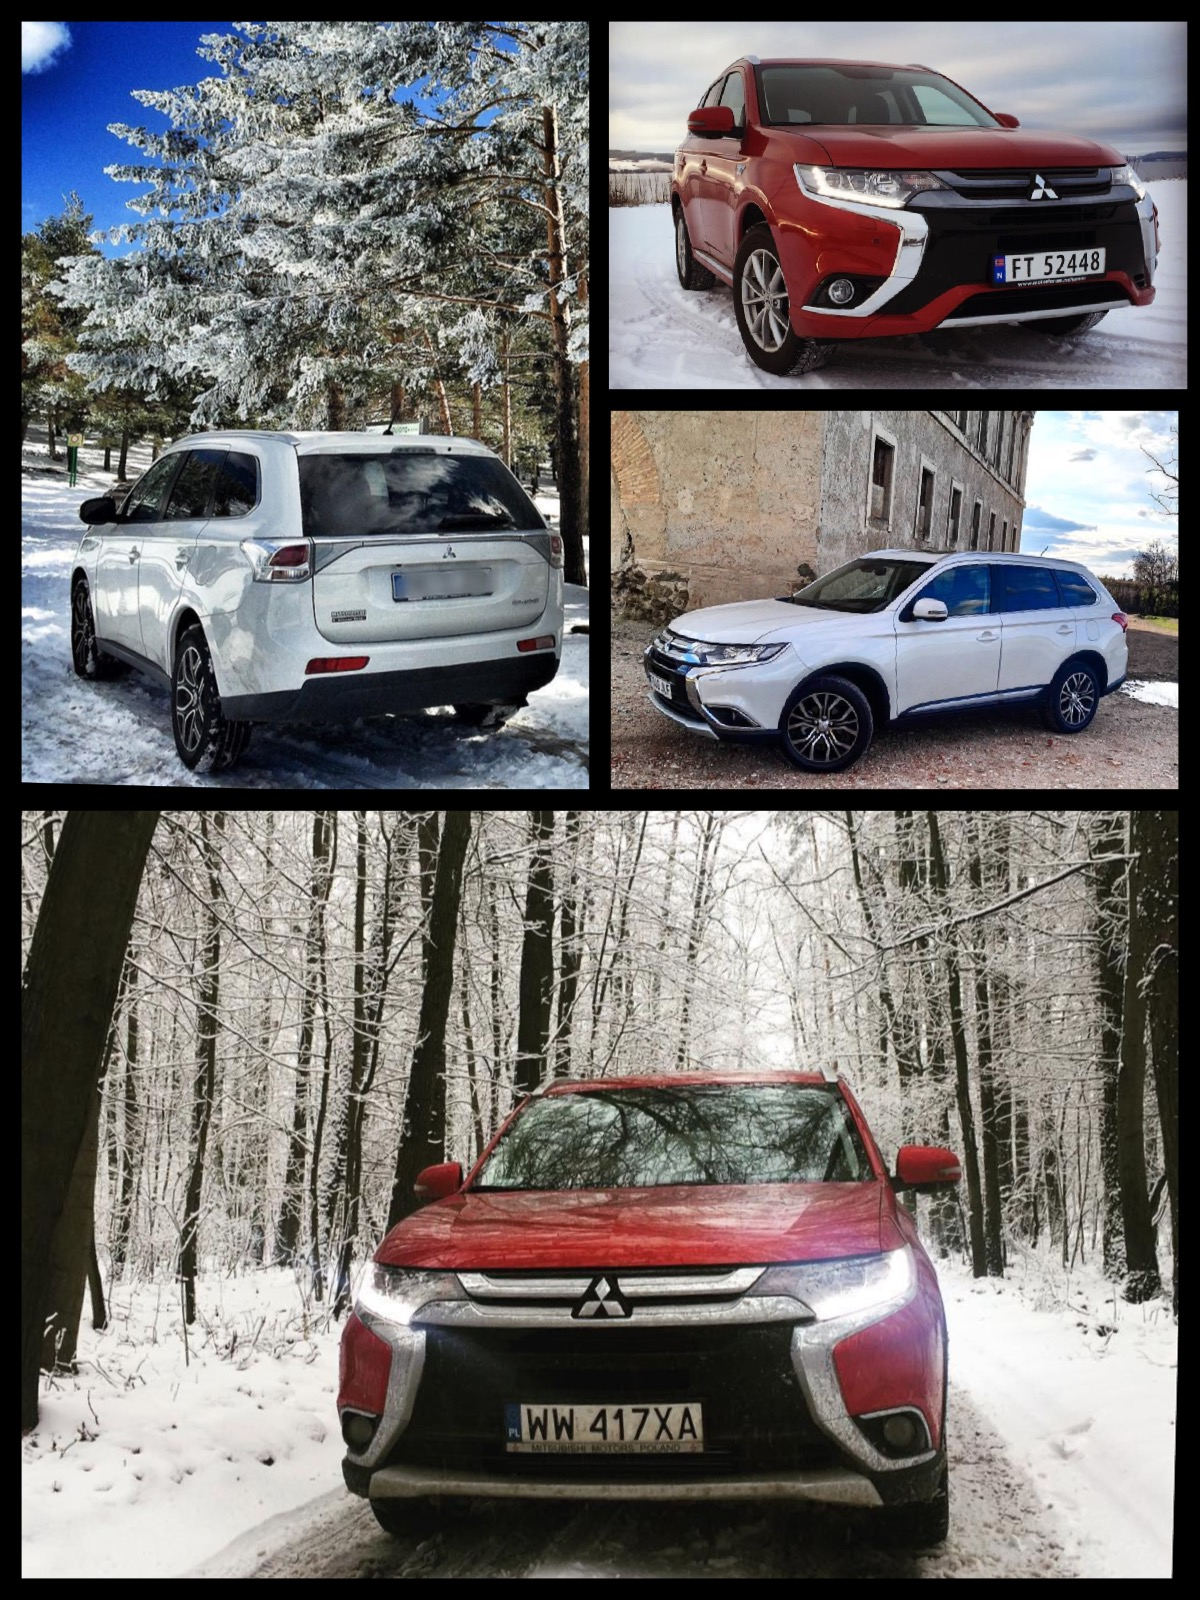 Mitsubishi Outlander phev by VK